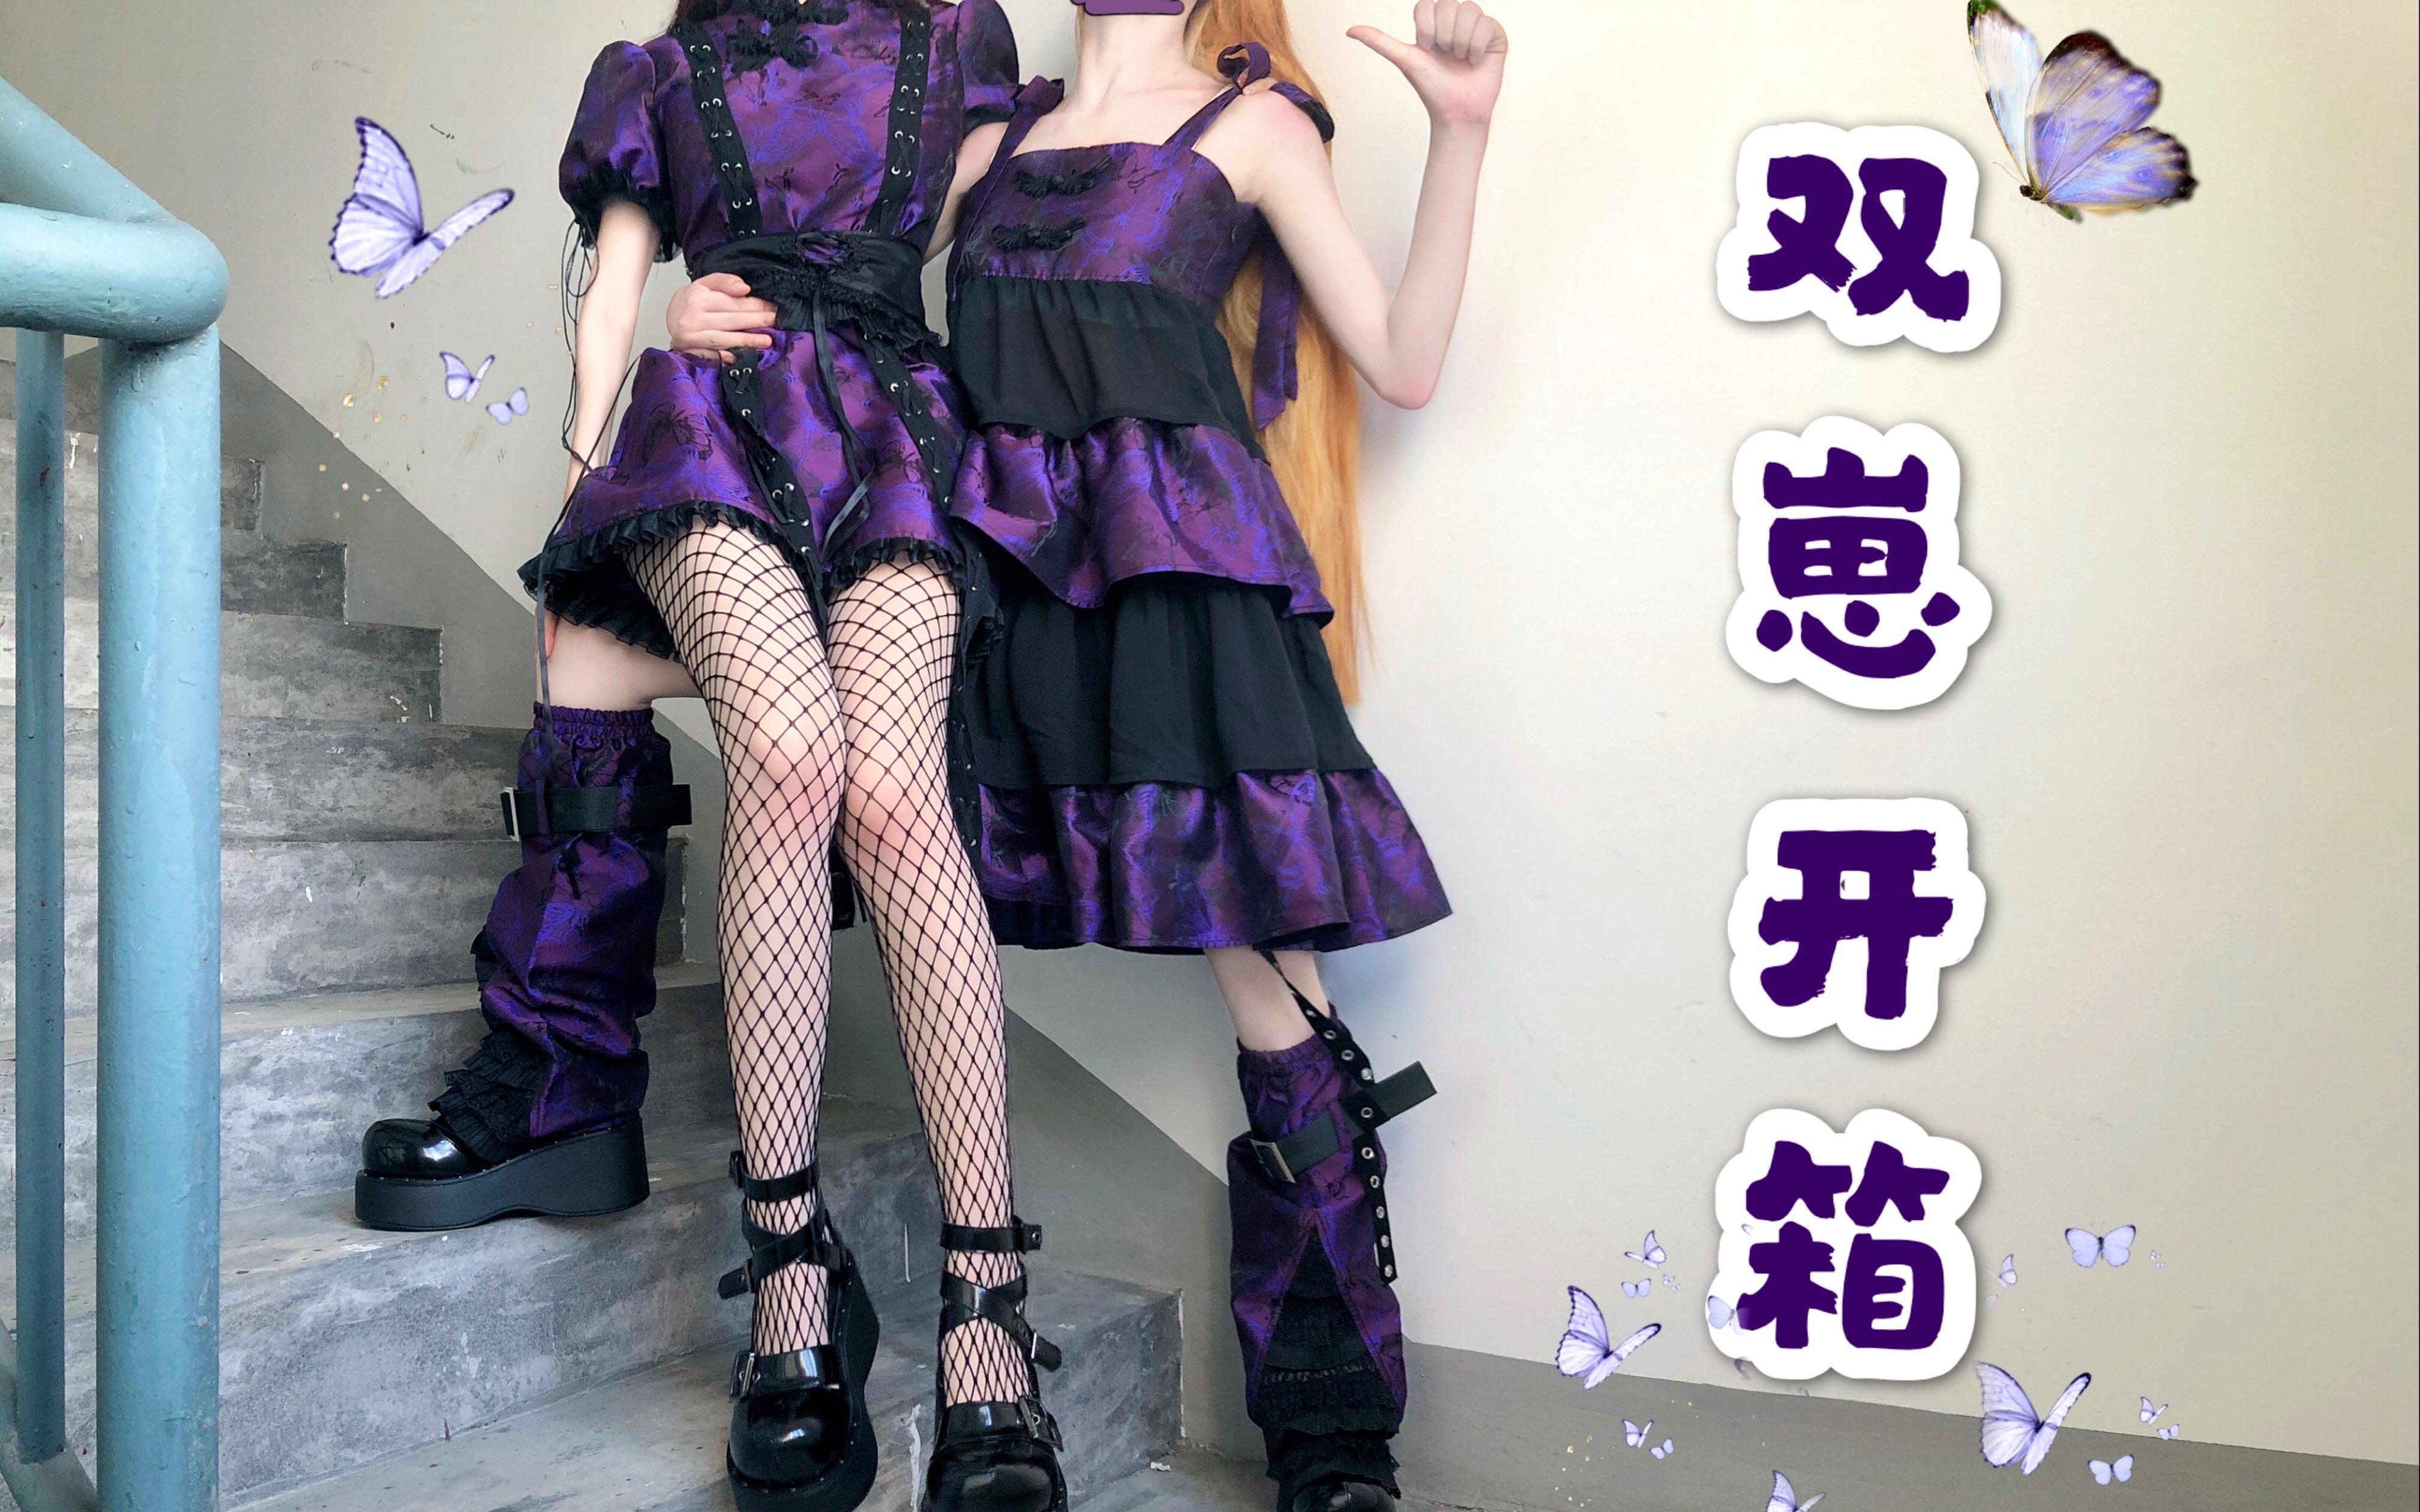 【双崽开箱】血液供给家炫酷的紫蝶系列小裙子开箱~穿上它成为街上最靓的崽吧!